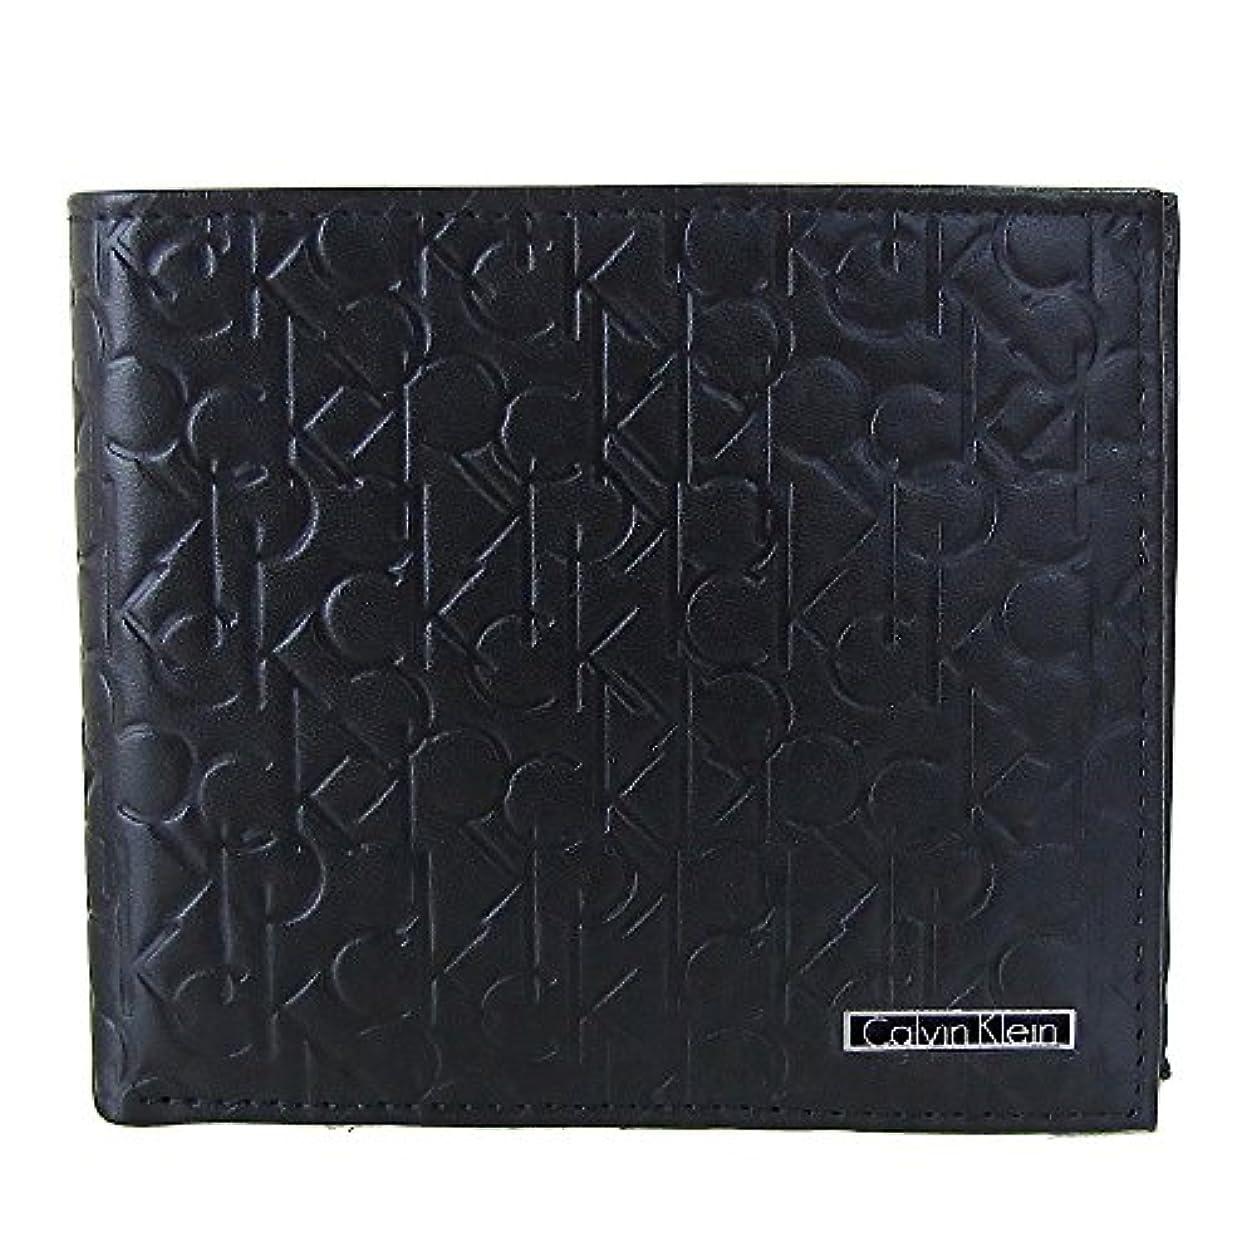 誇張不格好祭り(カルバンクライン)Calvin Klein  74285 ブラック ロゴ型押し 2つ折り財布  小銭入れ付き メンズ(並行輸入品)